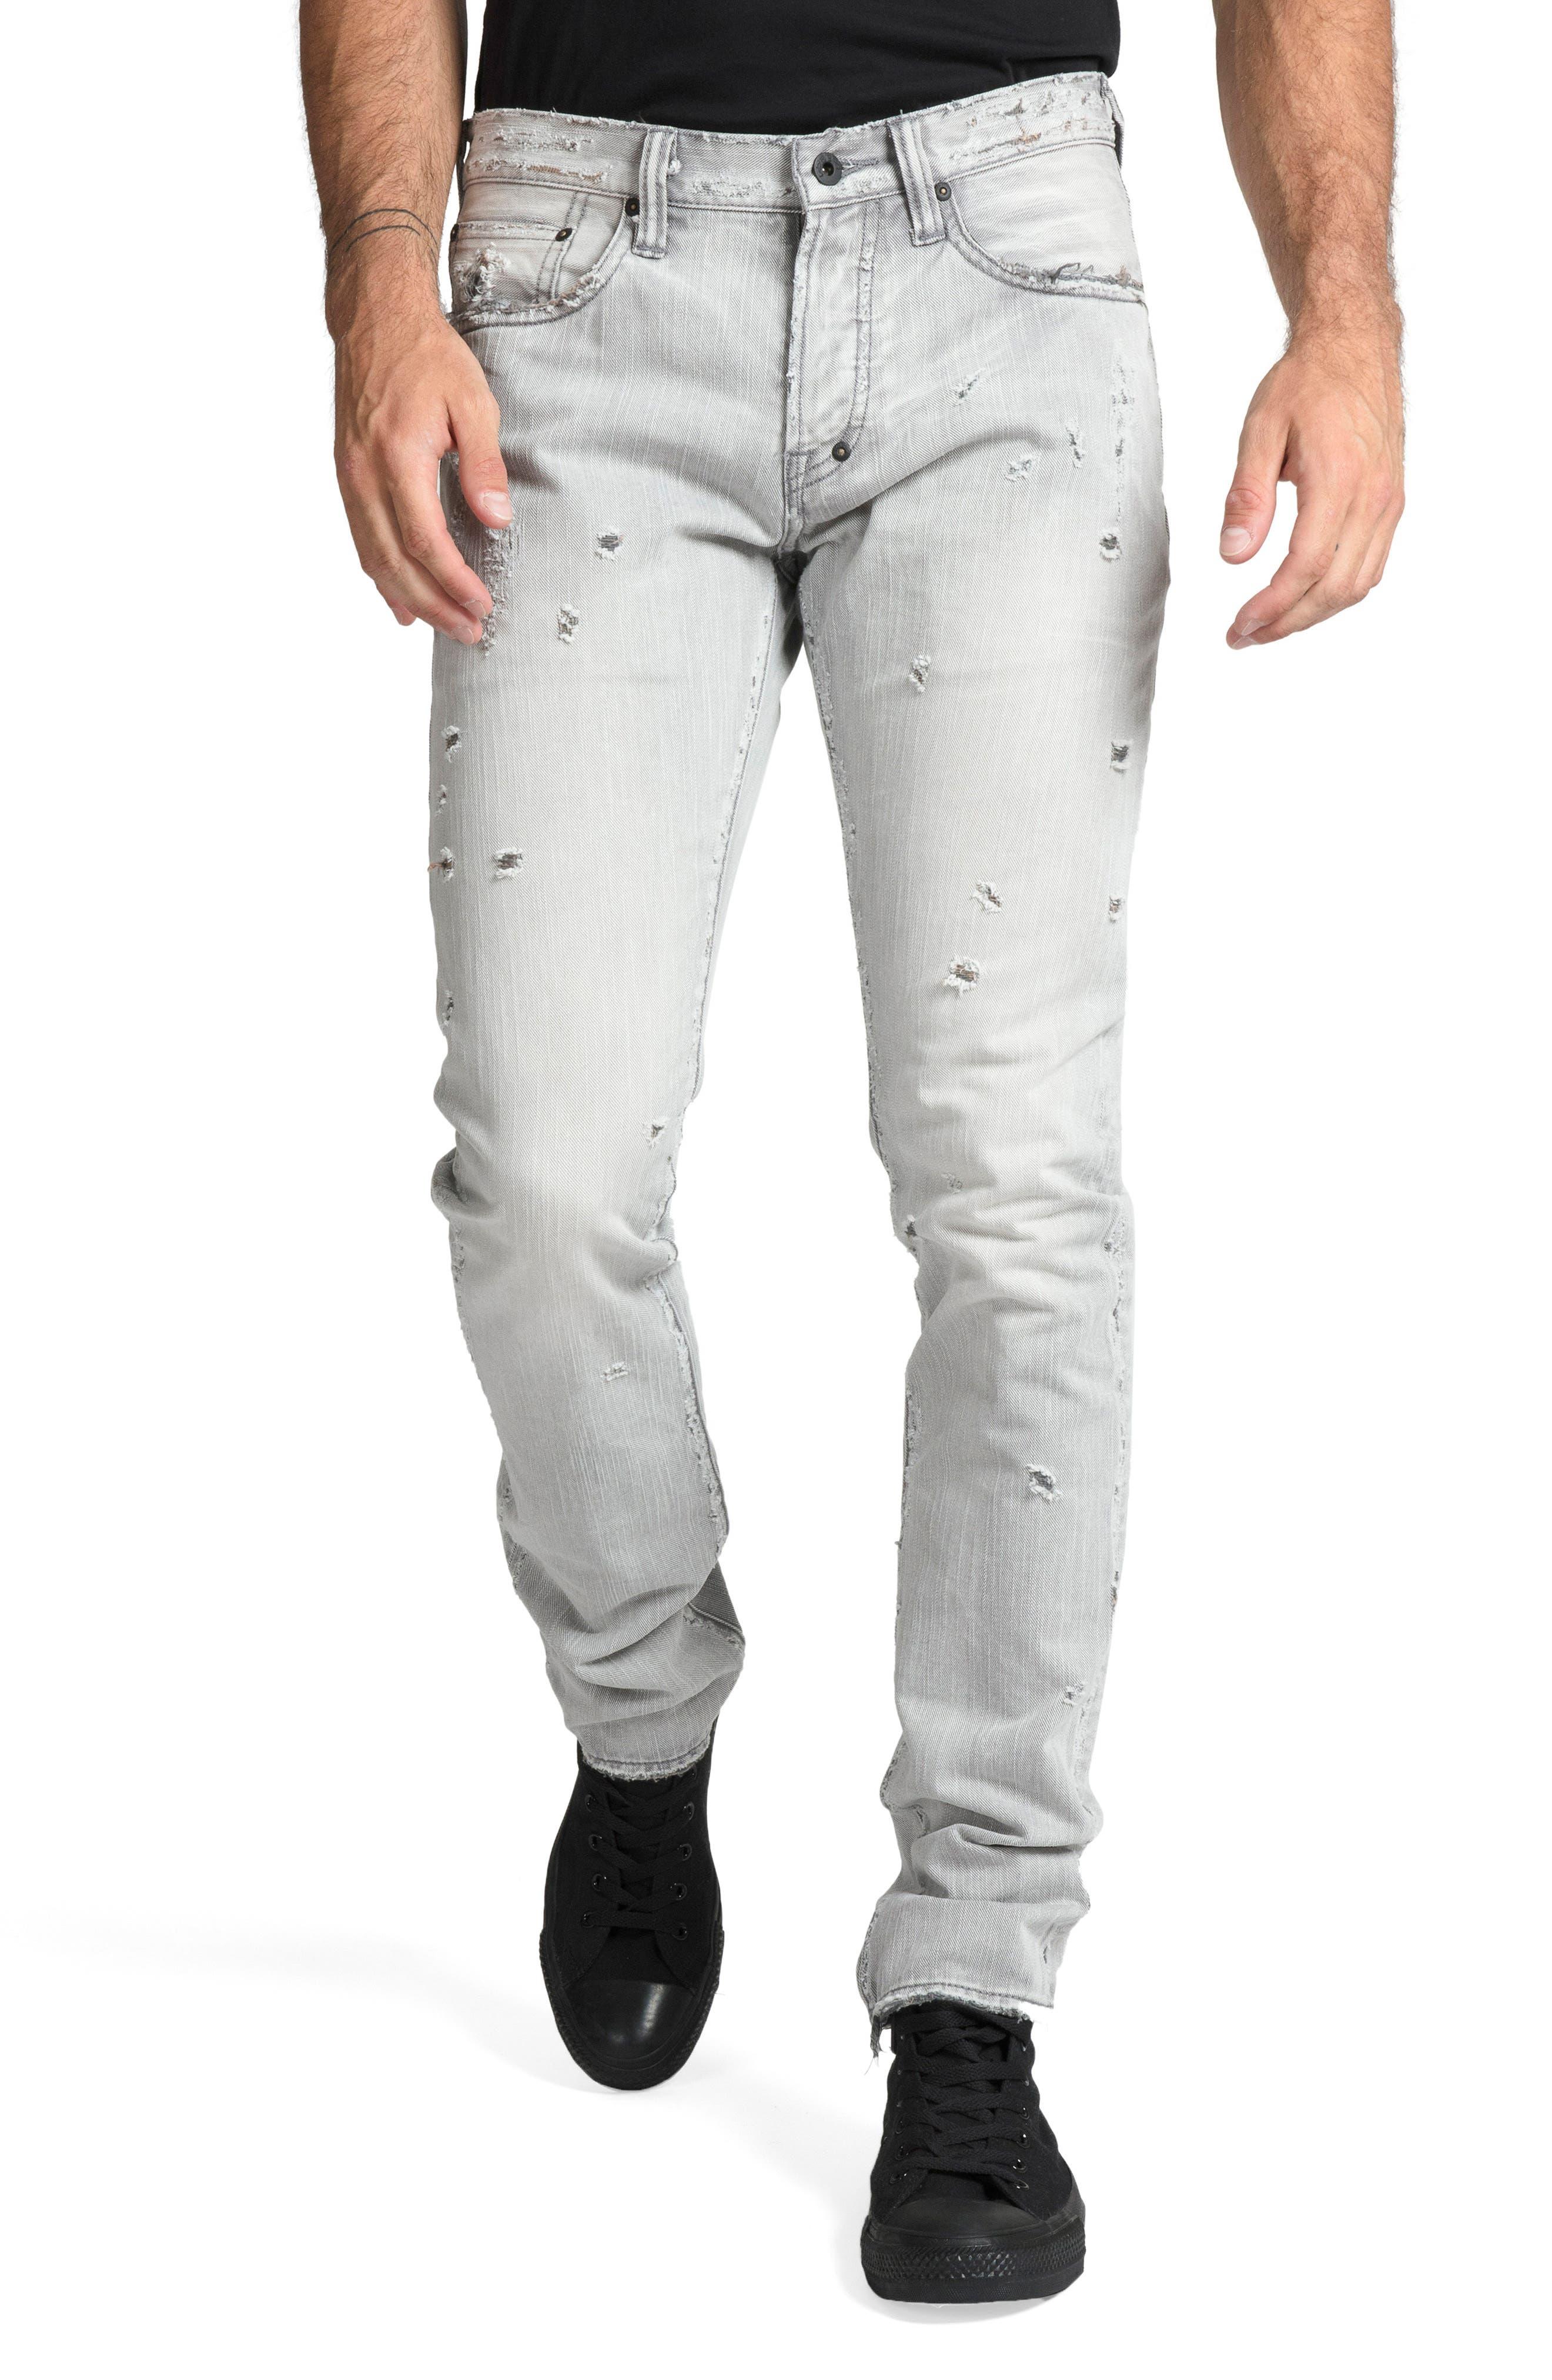 Le Sabre Slim Fit Jeans,                         Main,                         color, LOUTISH